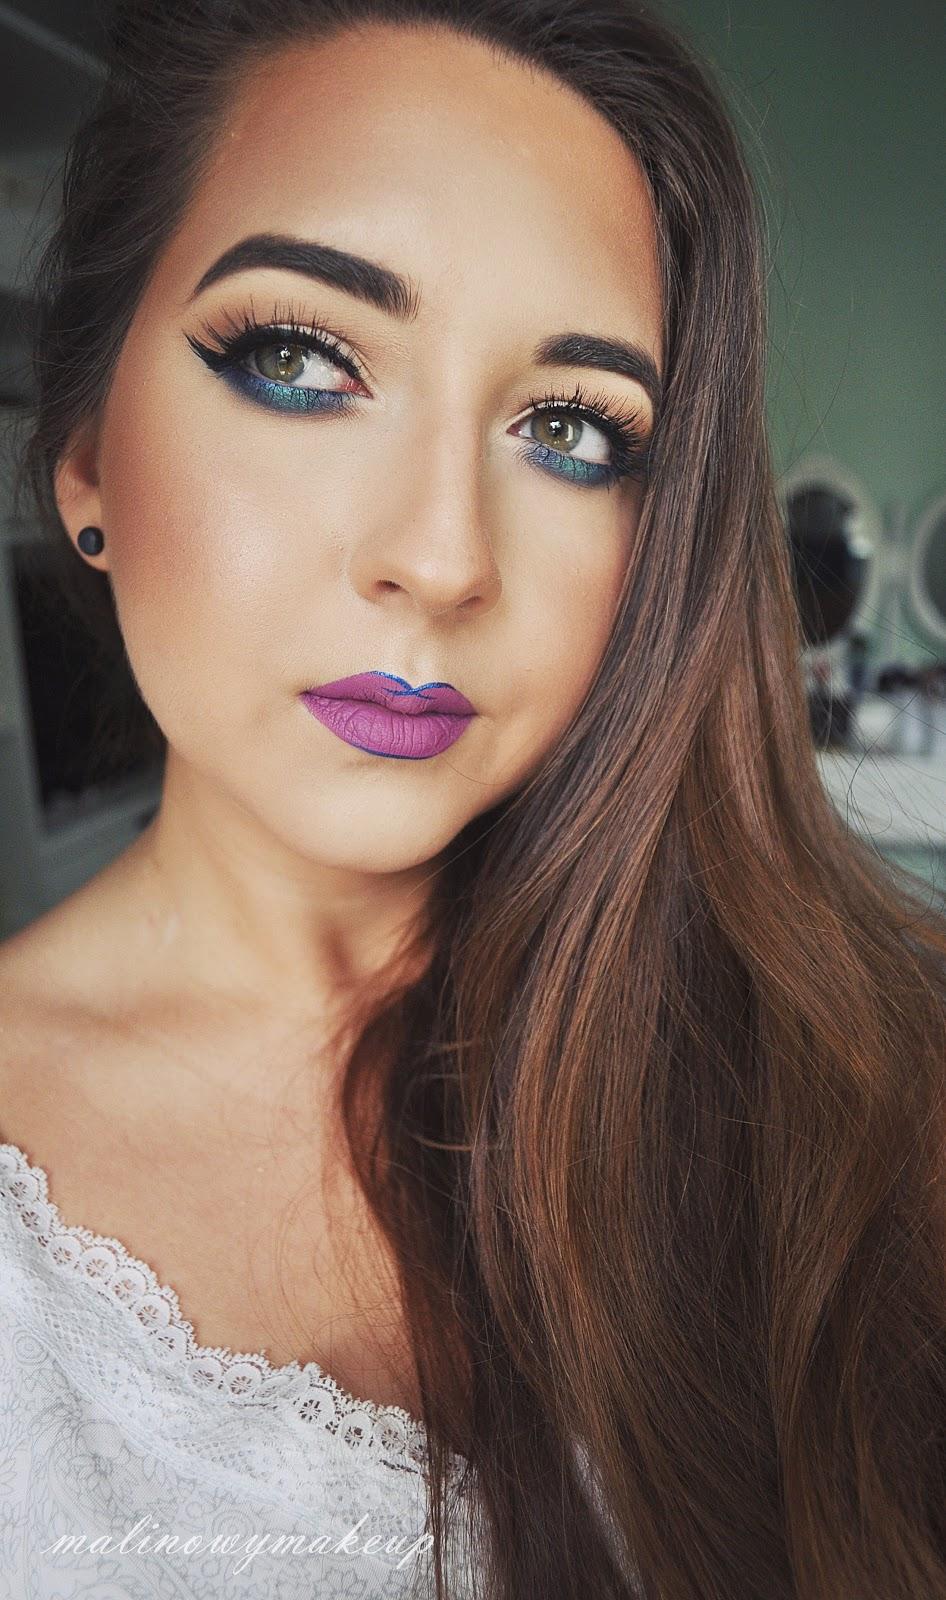 blue makeup niebieski makijaż dolna powieka sztuczne rzęsy